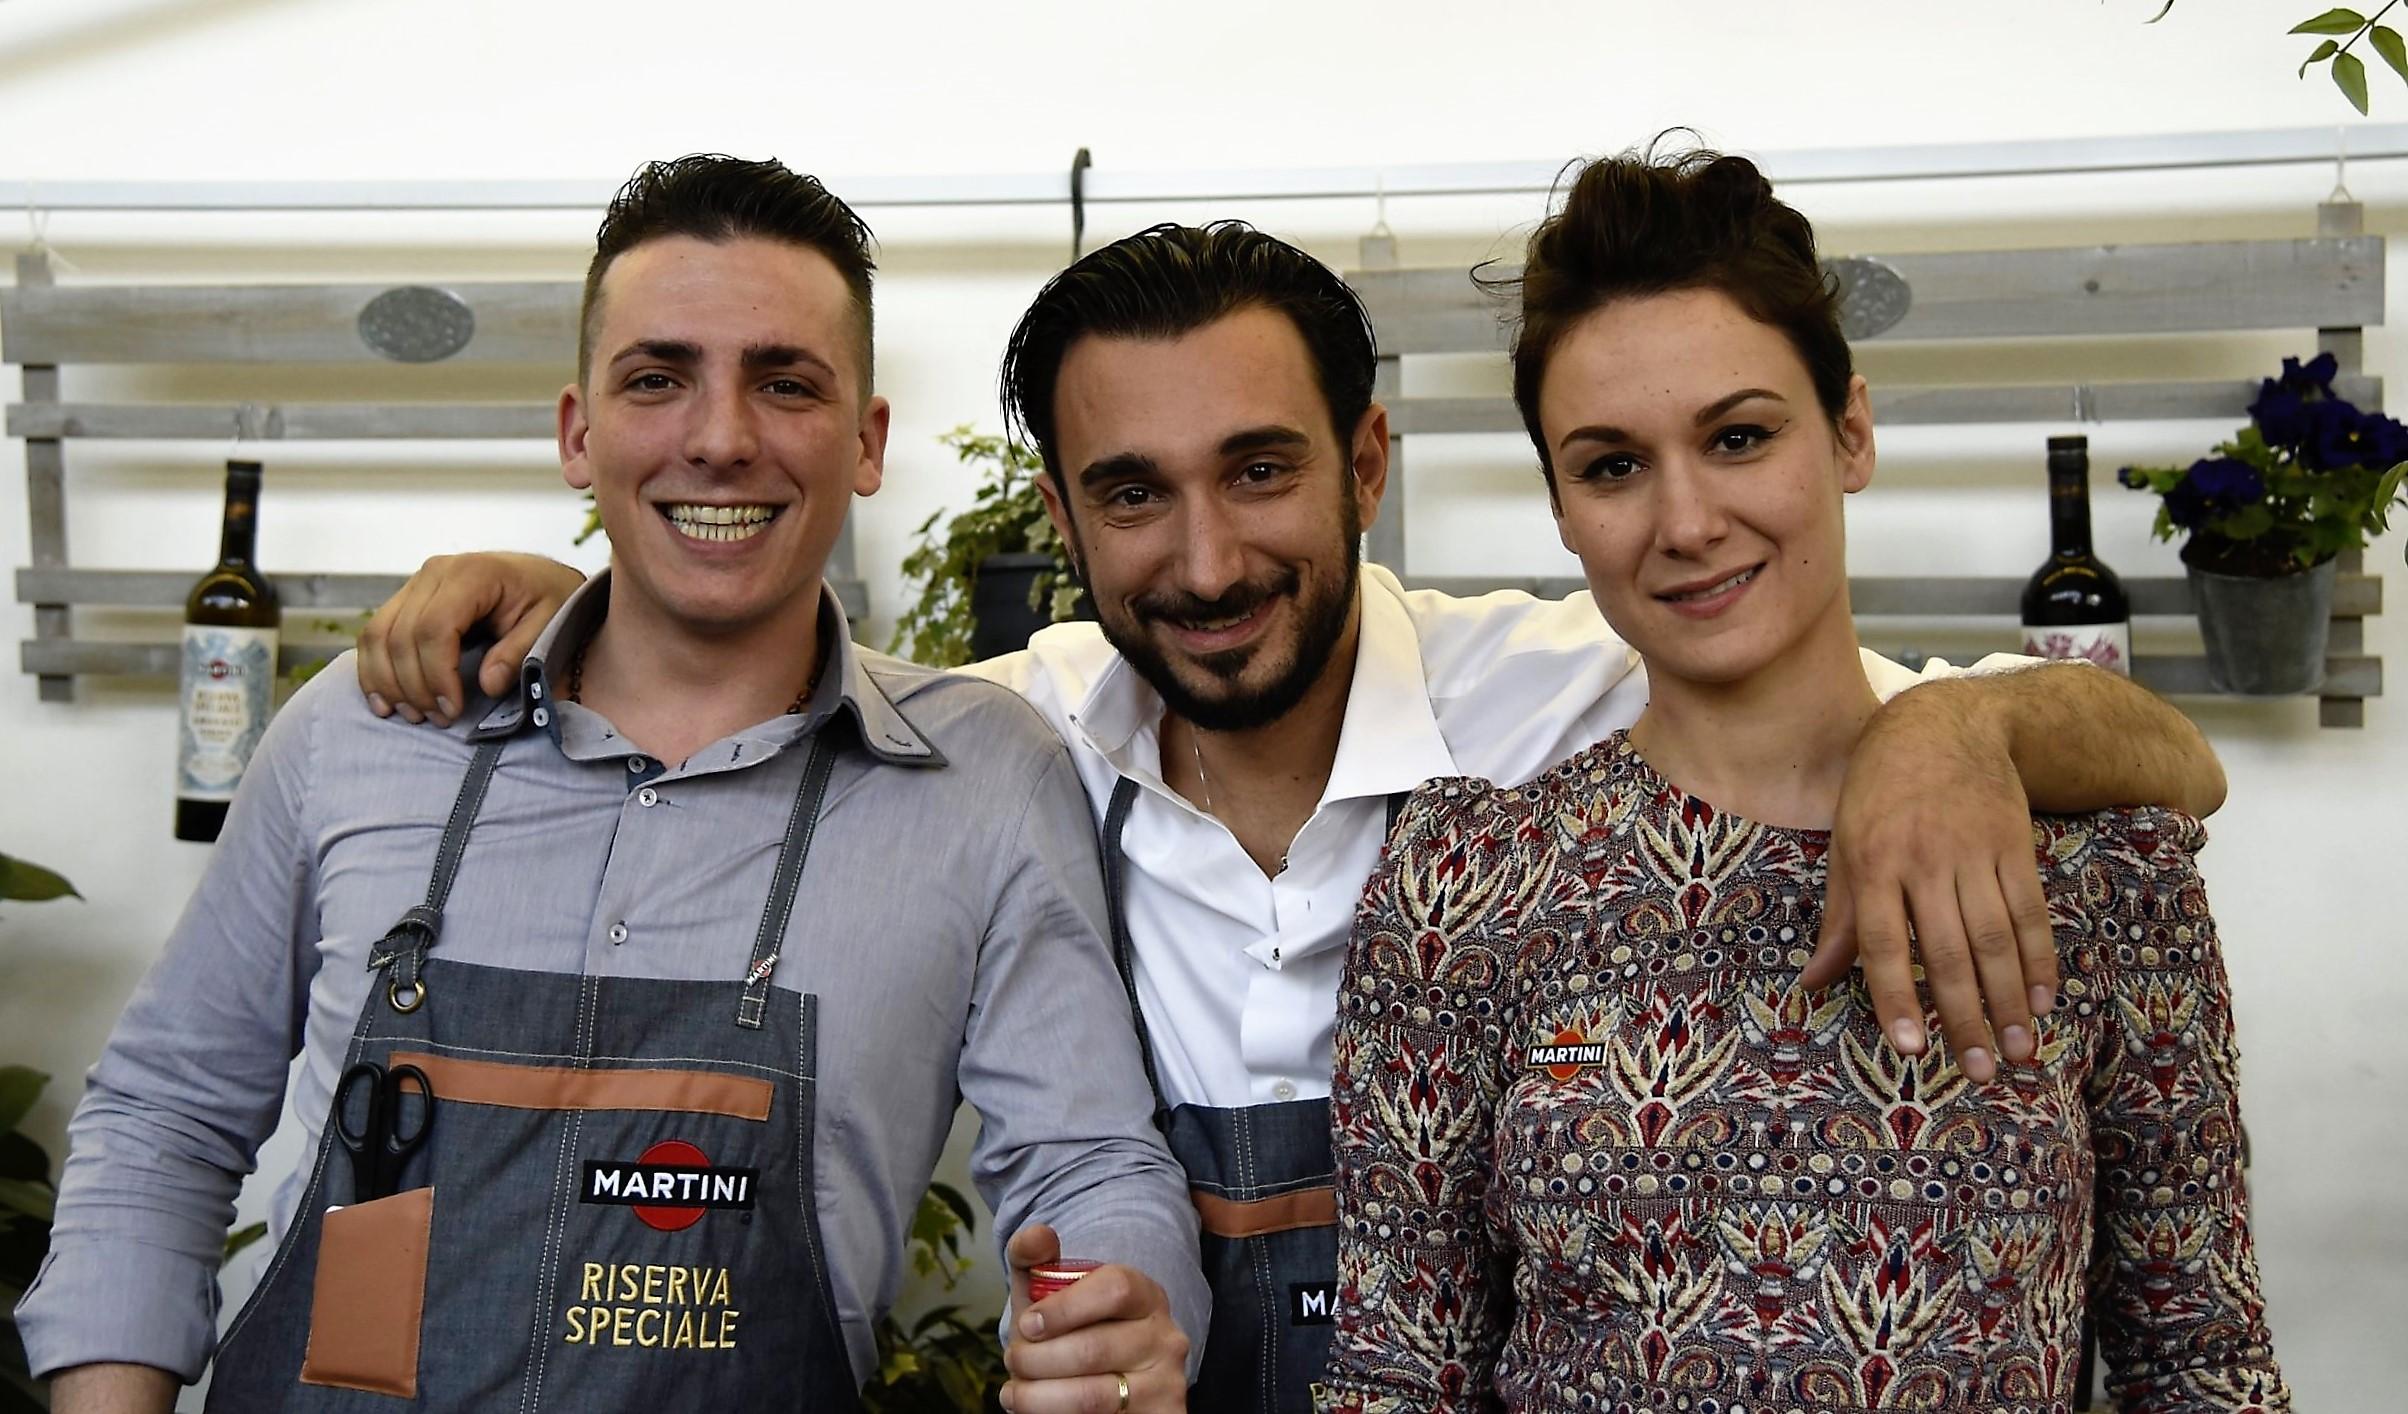 The Martini ambassadors: Daniele, Marco and Elena